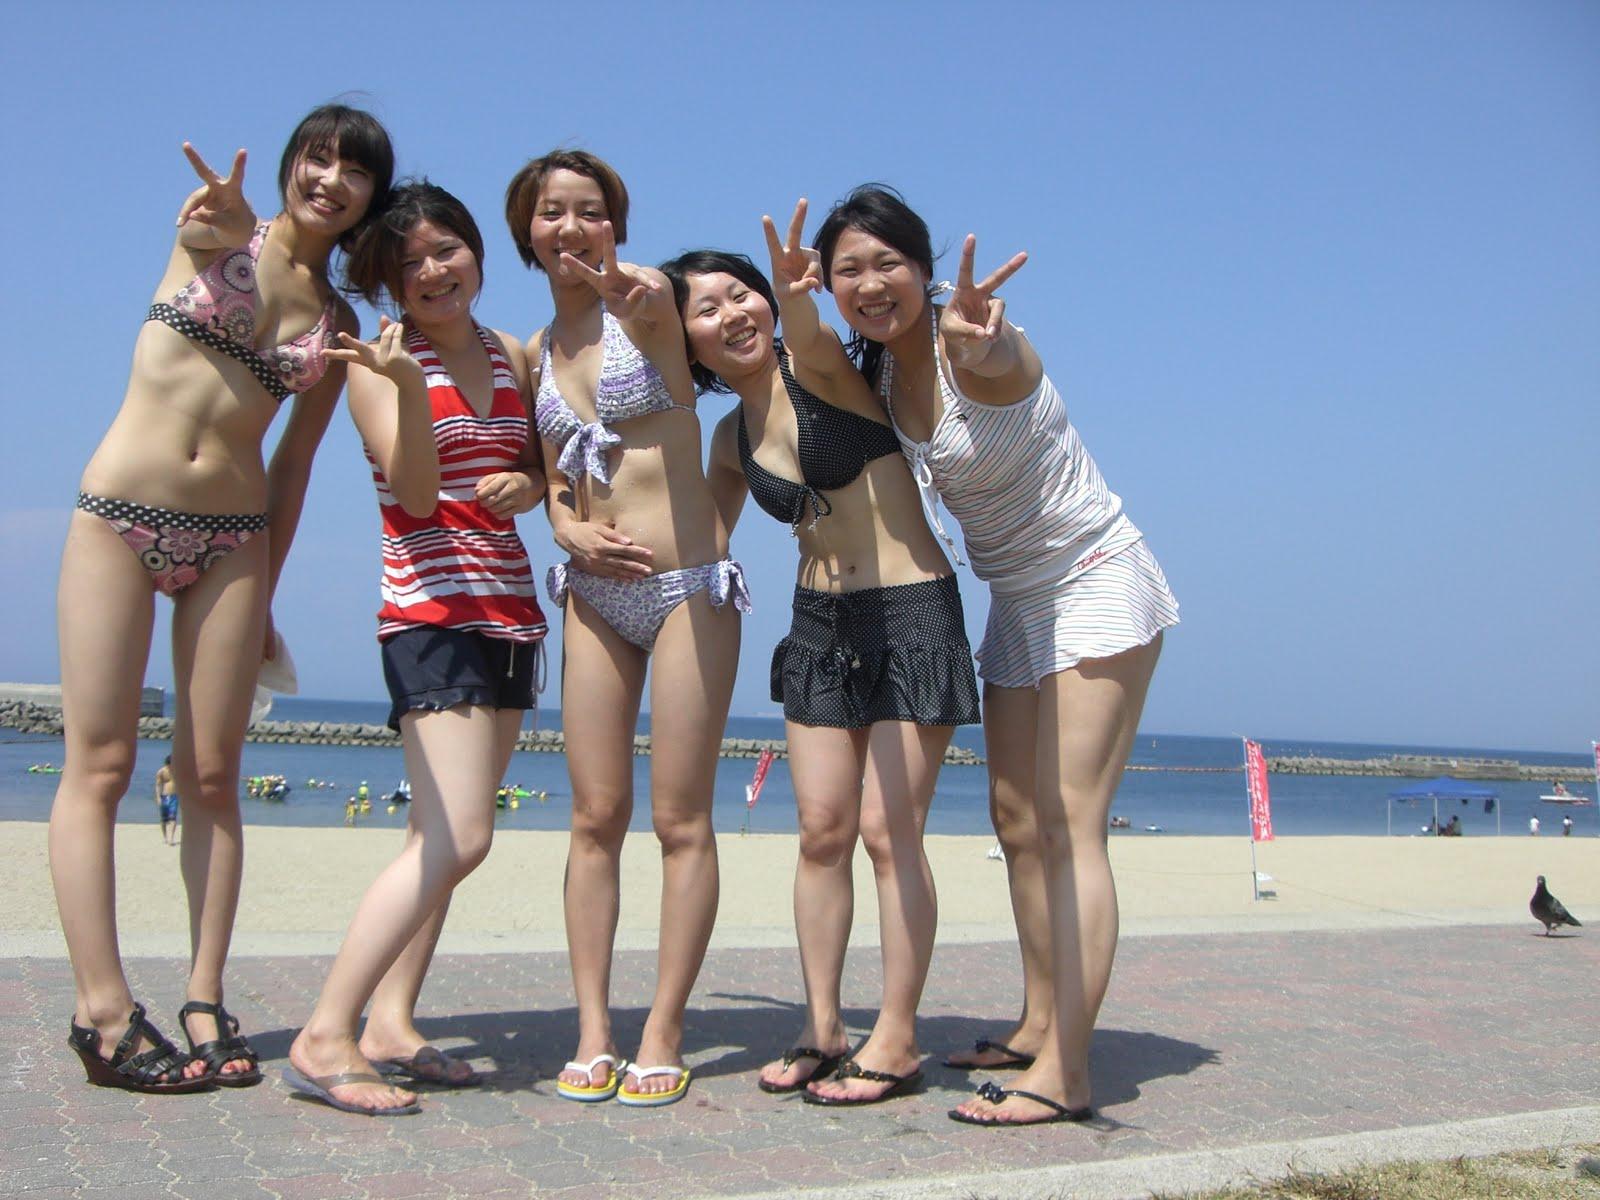 素人女性の水着 フェト☆36フェト [無断転載禁止]©bbspink.comYouTube動画>3本 ->画像>779枚